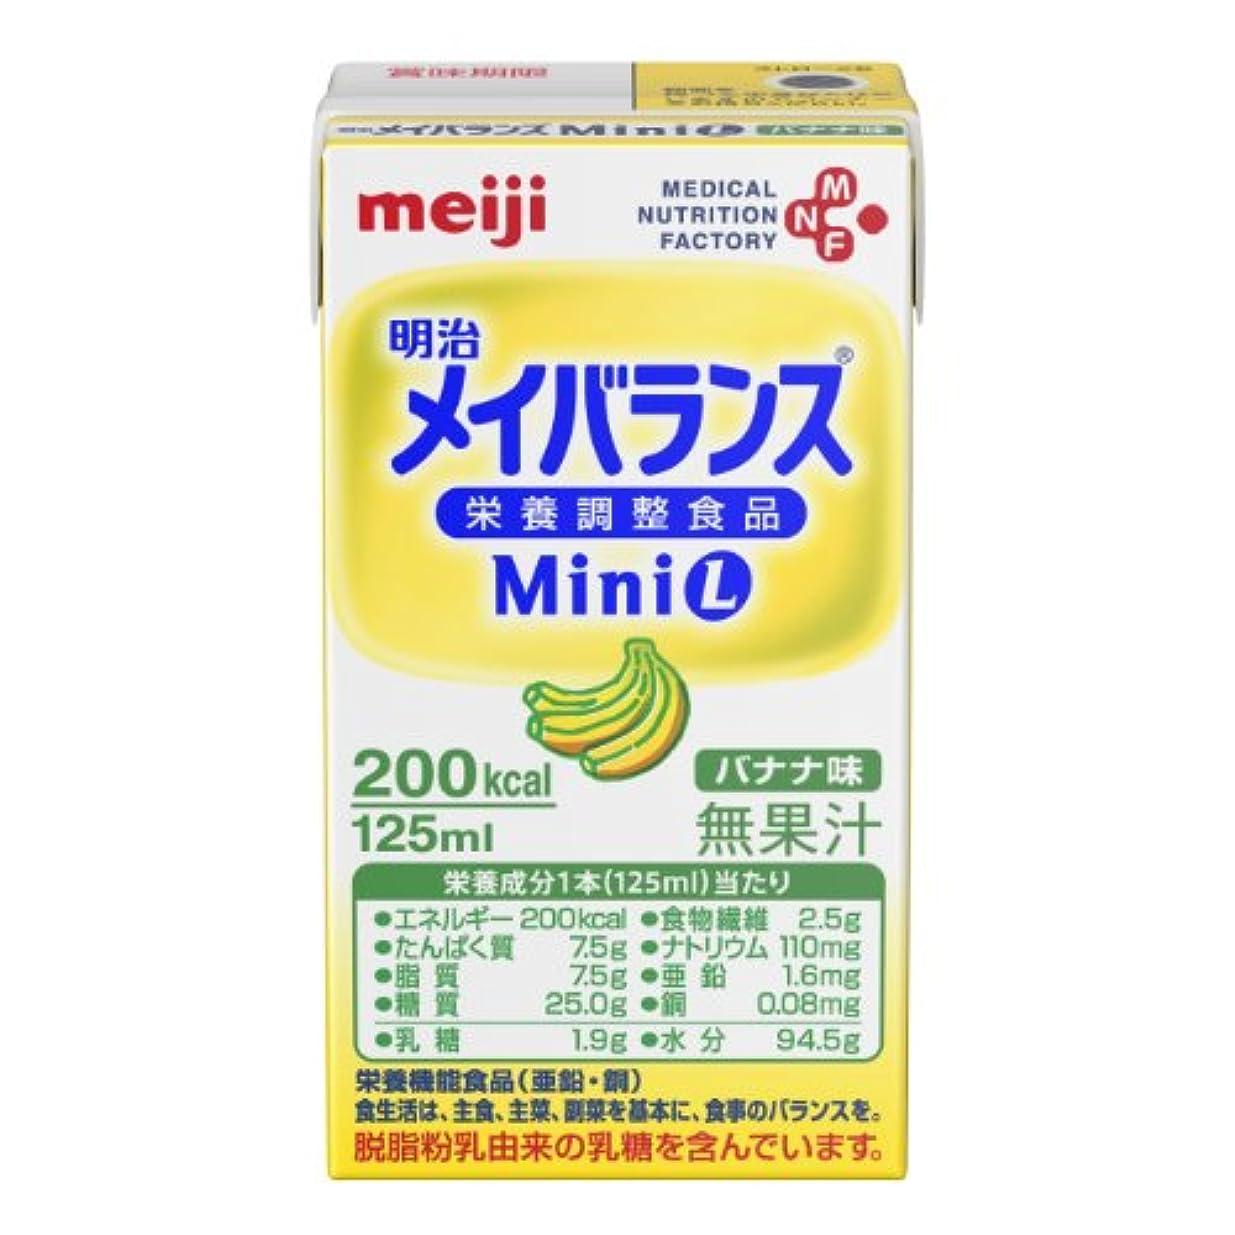 素晴らしさ取り戻すパーチナシティ【明治】メイバランス Mini バナナ味 125ml